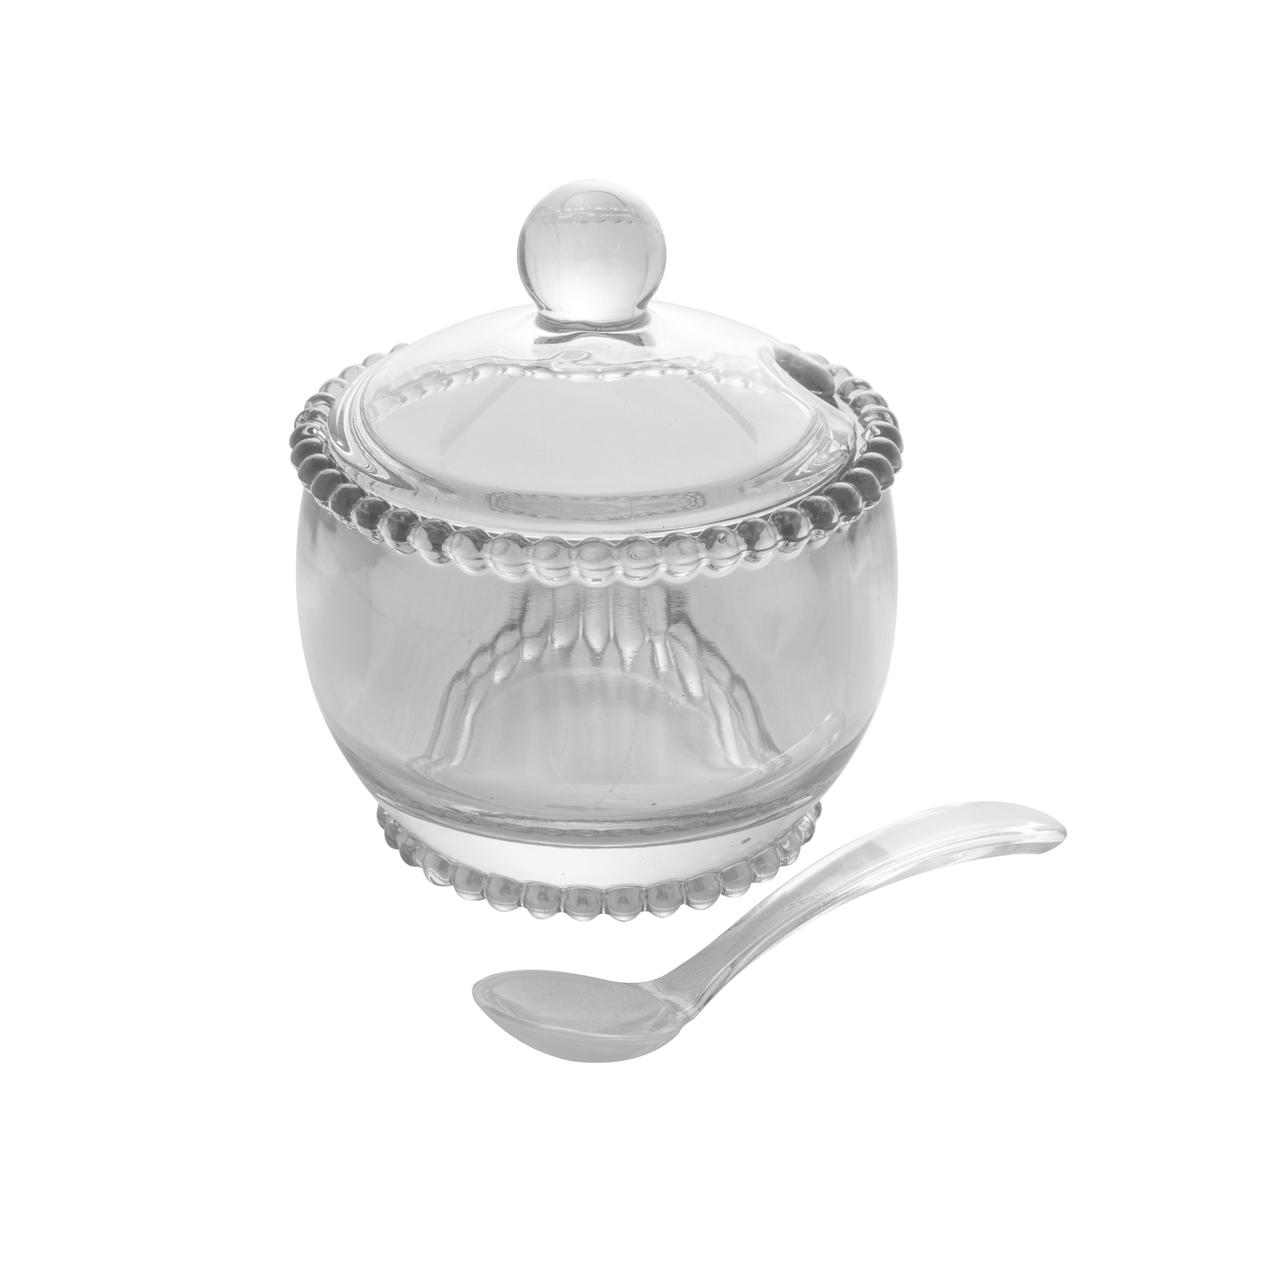 Açucareiro 10 cm de cristal transparente com colher Pearl  Wolff - 28379